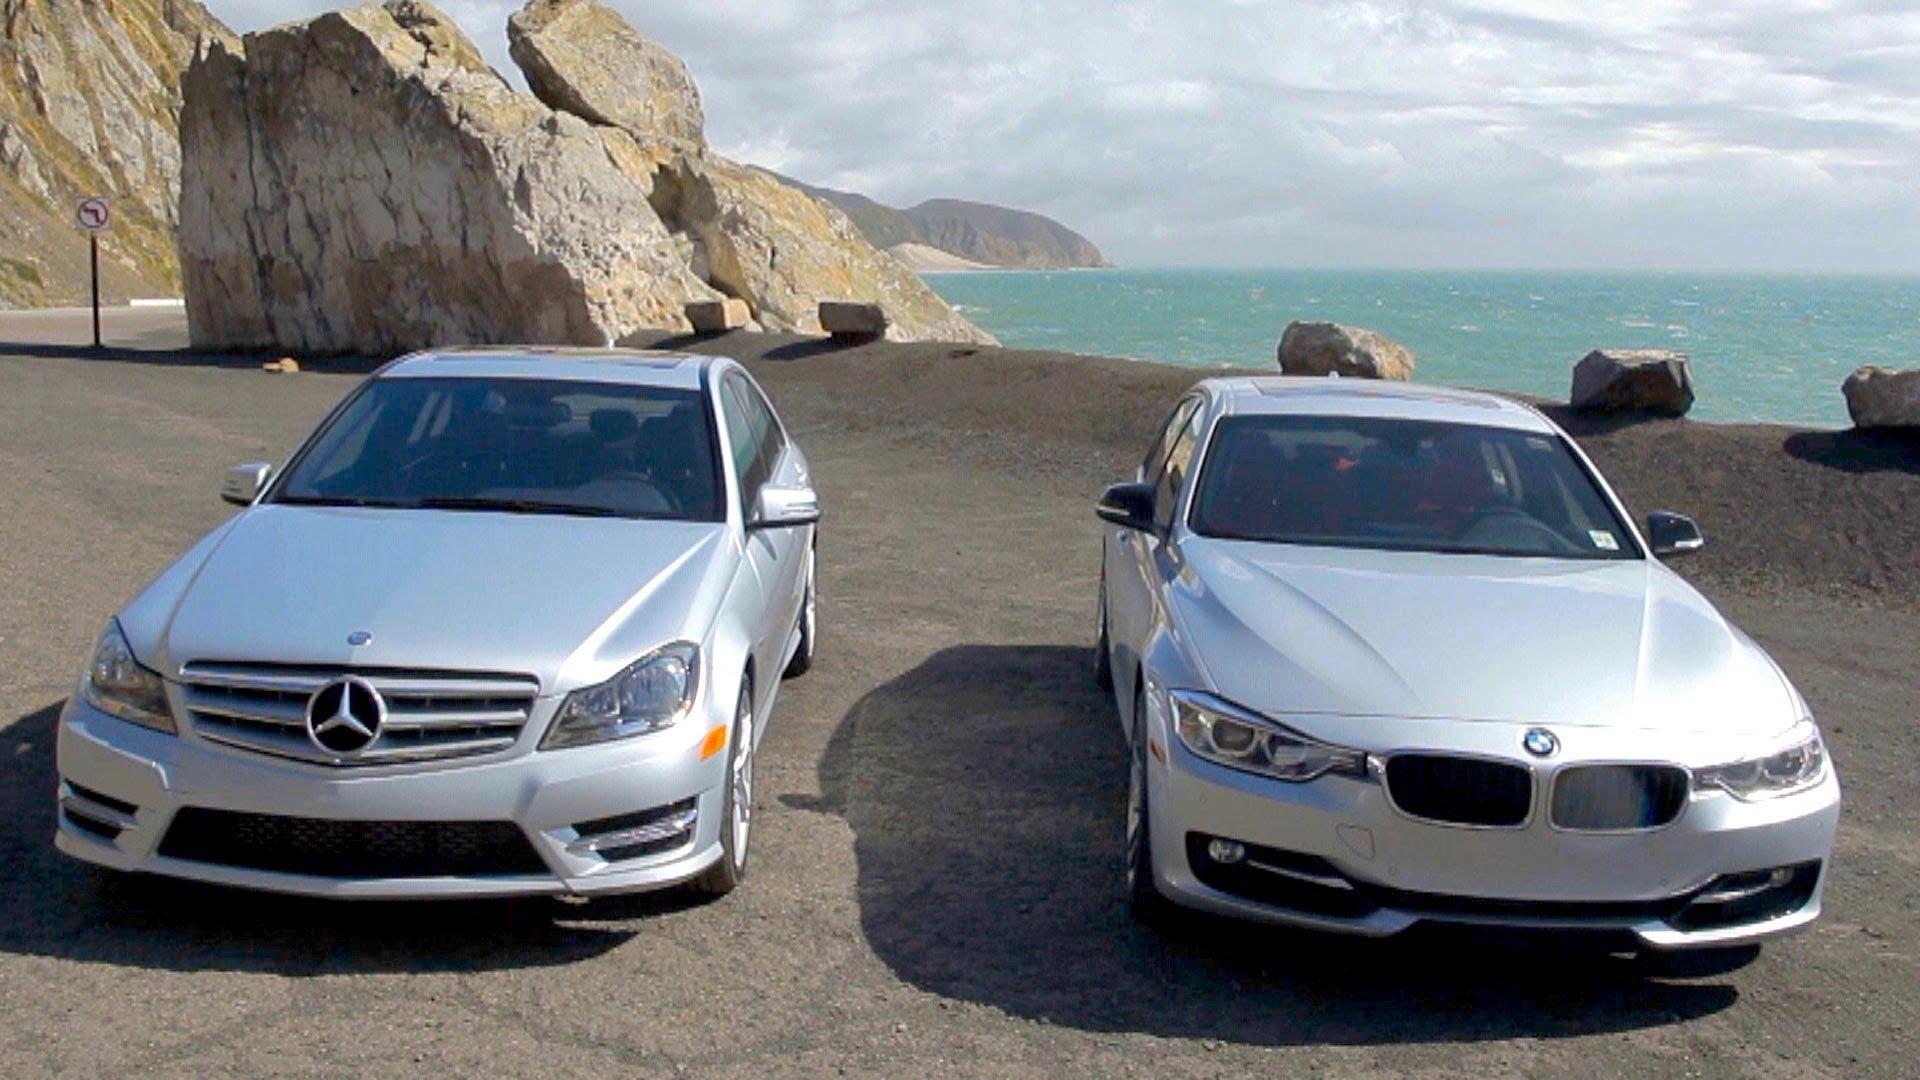 BMW 328i vs Mercedes Benz C250 Head 2 Head Episode 9